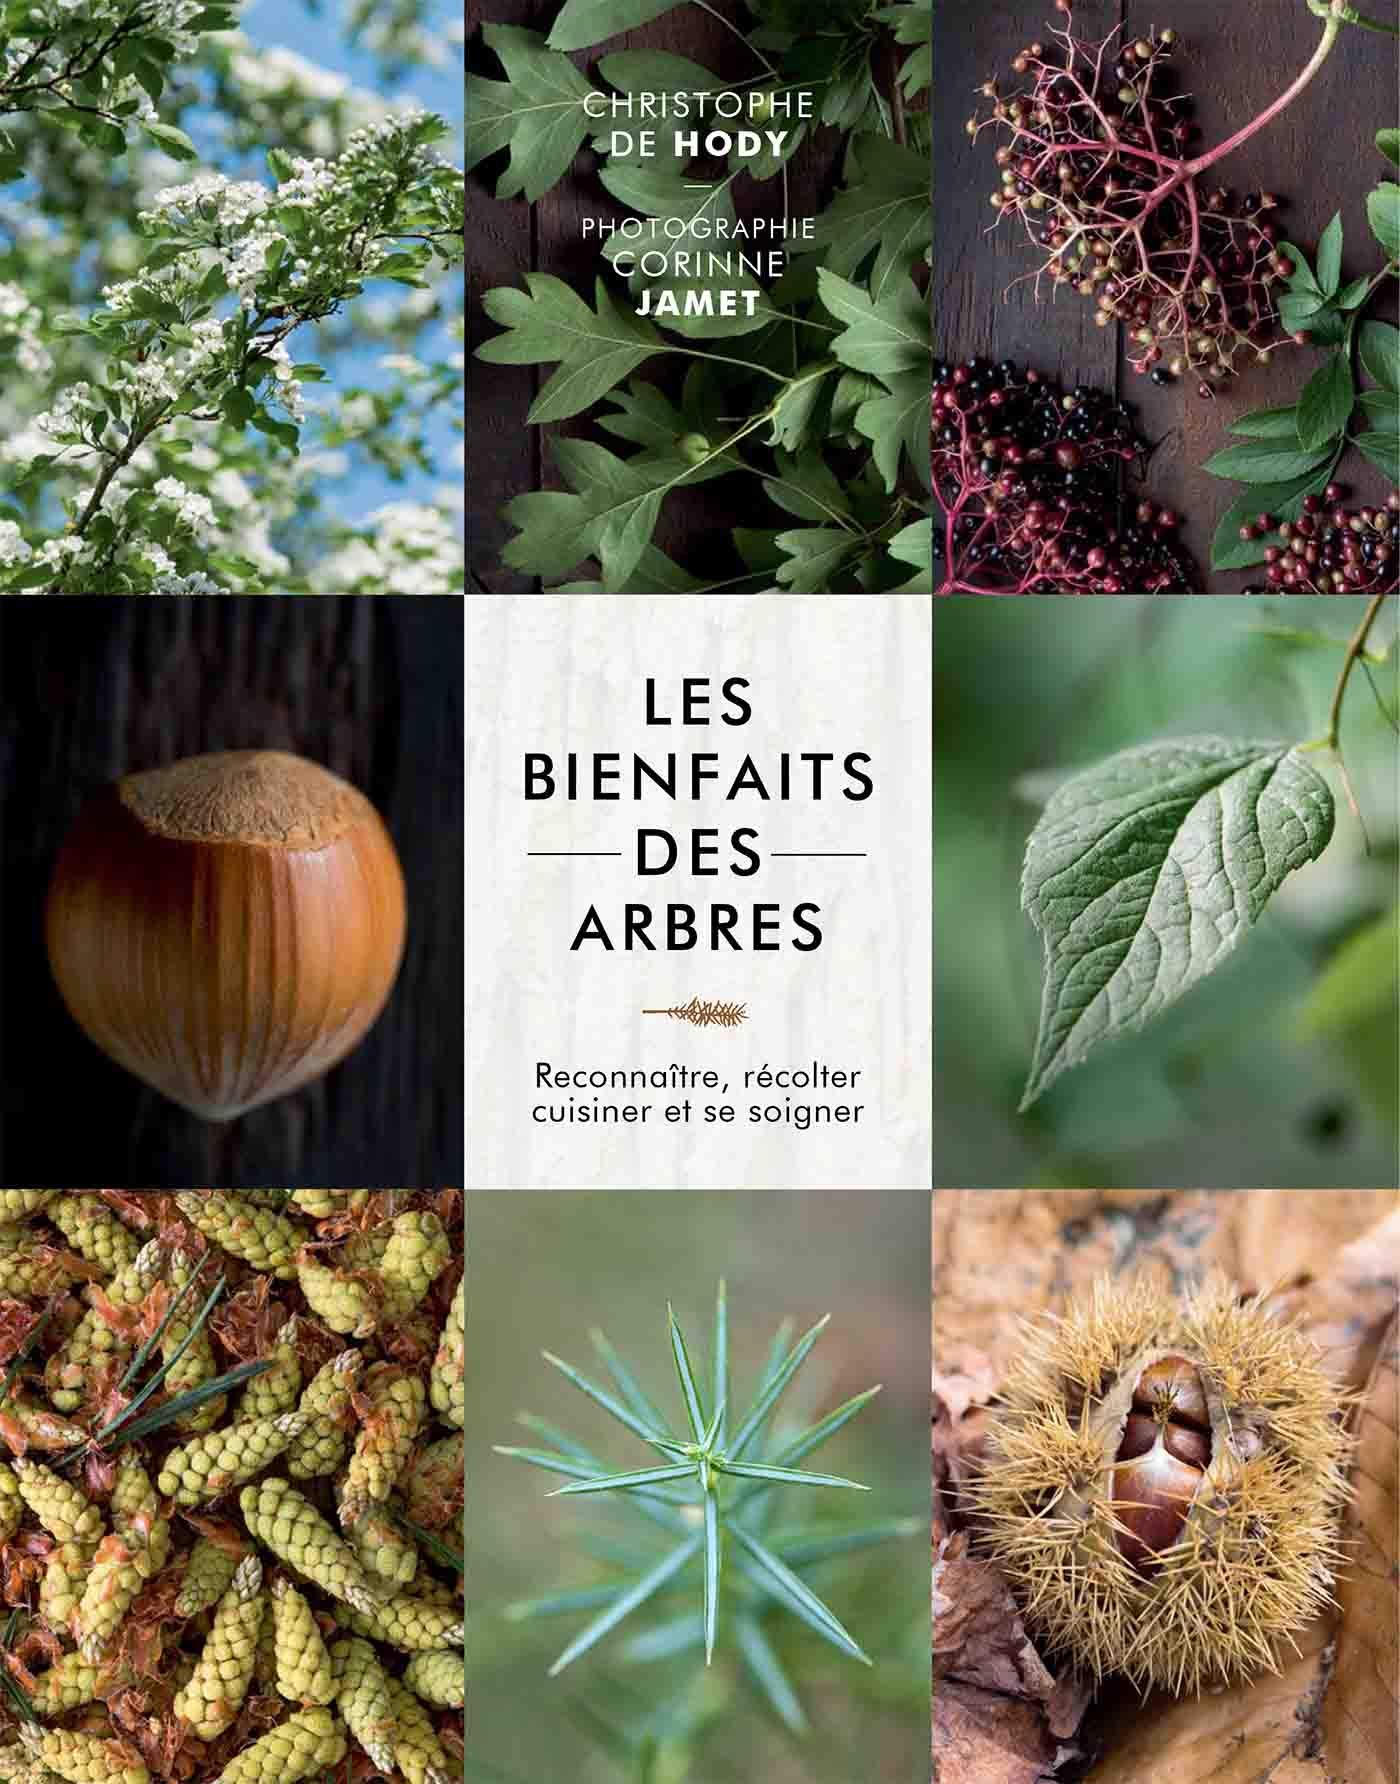 Les bienfaits des arbres: Reconnaître, récolter, cuisiner et se soigner